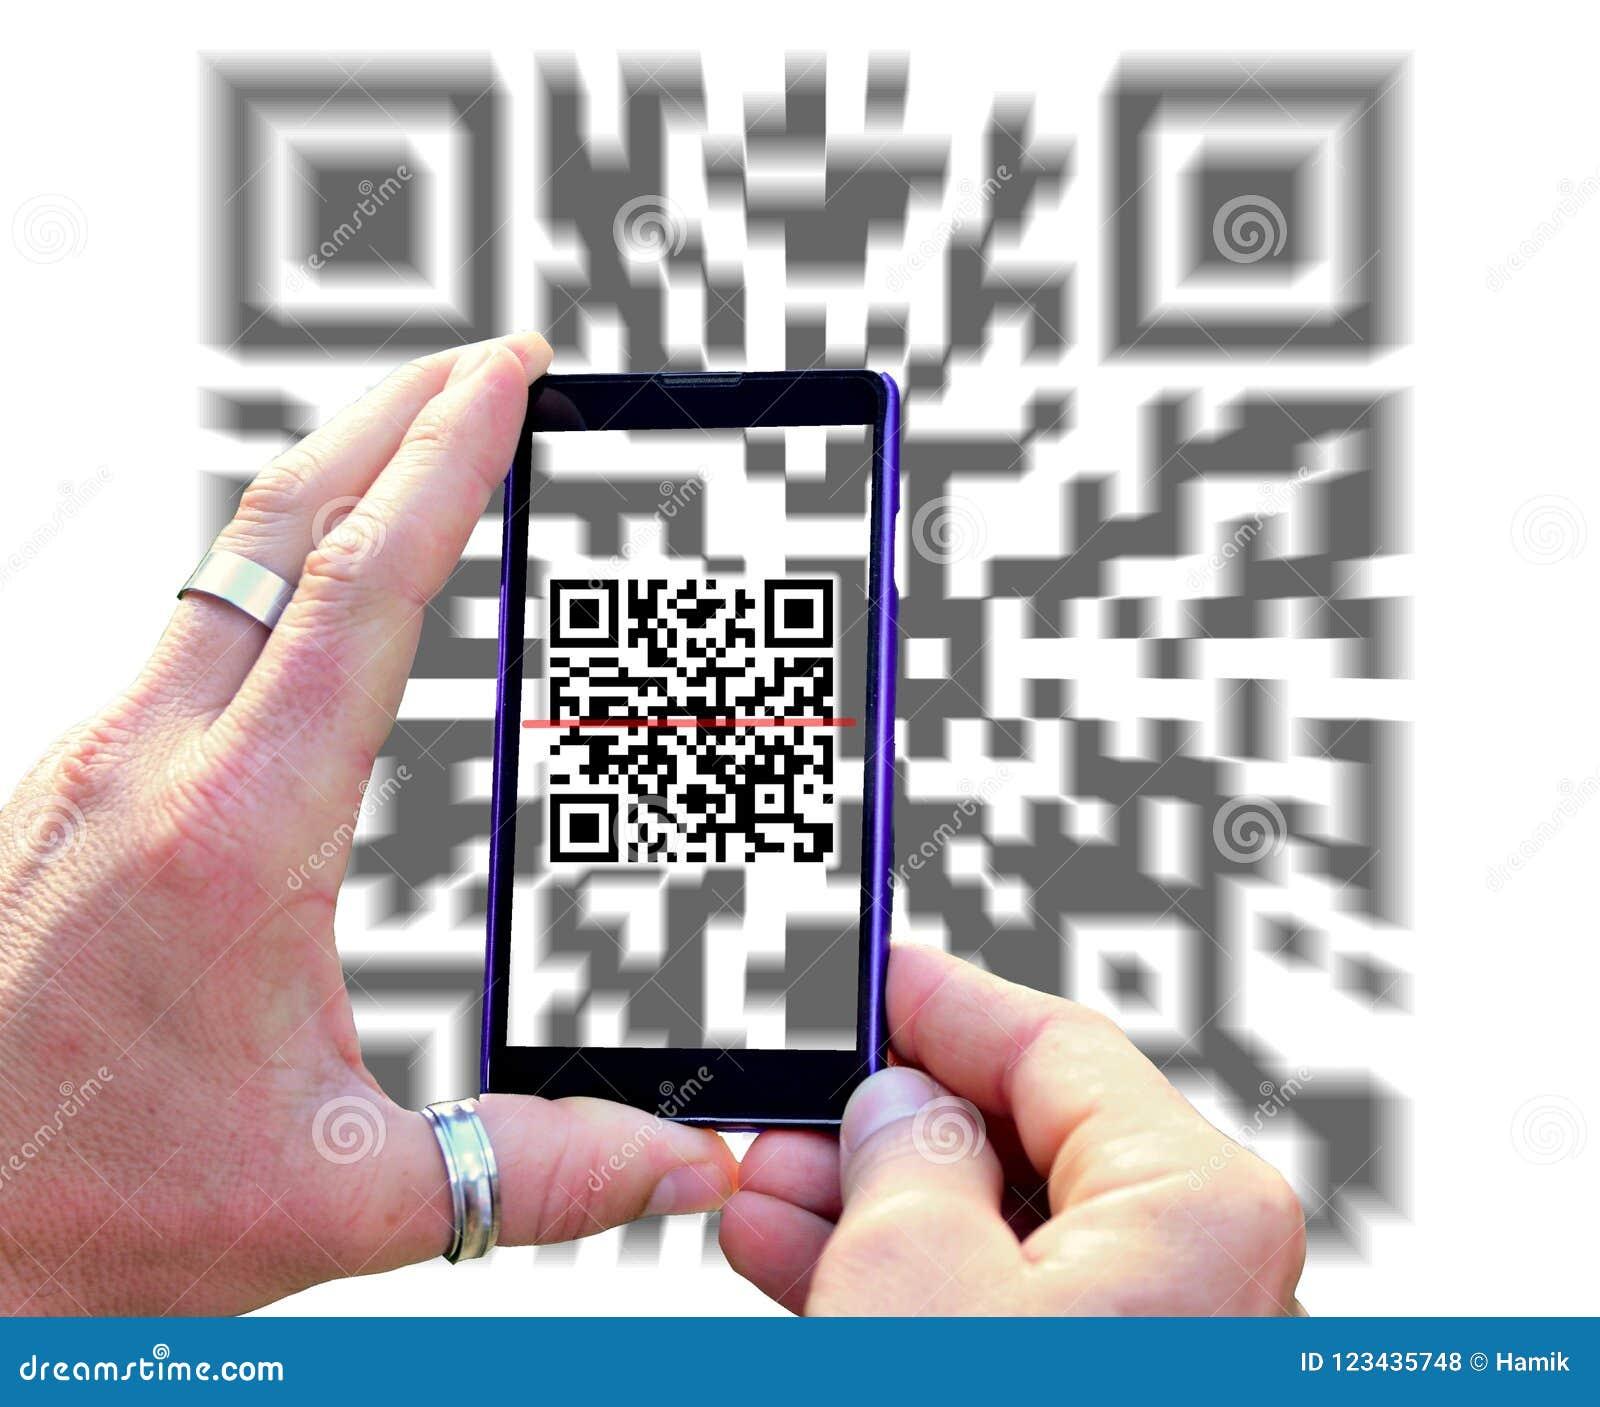 539ed674d98 Visión sobre la pantalla del teléfono móvil durante la exploración de código  de QR aislada en el fondo blanco Manos que sostienen el teléfono móvil y  que ...